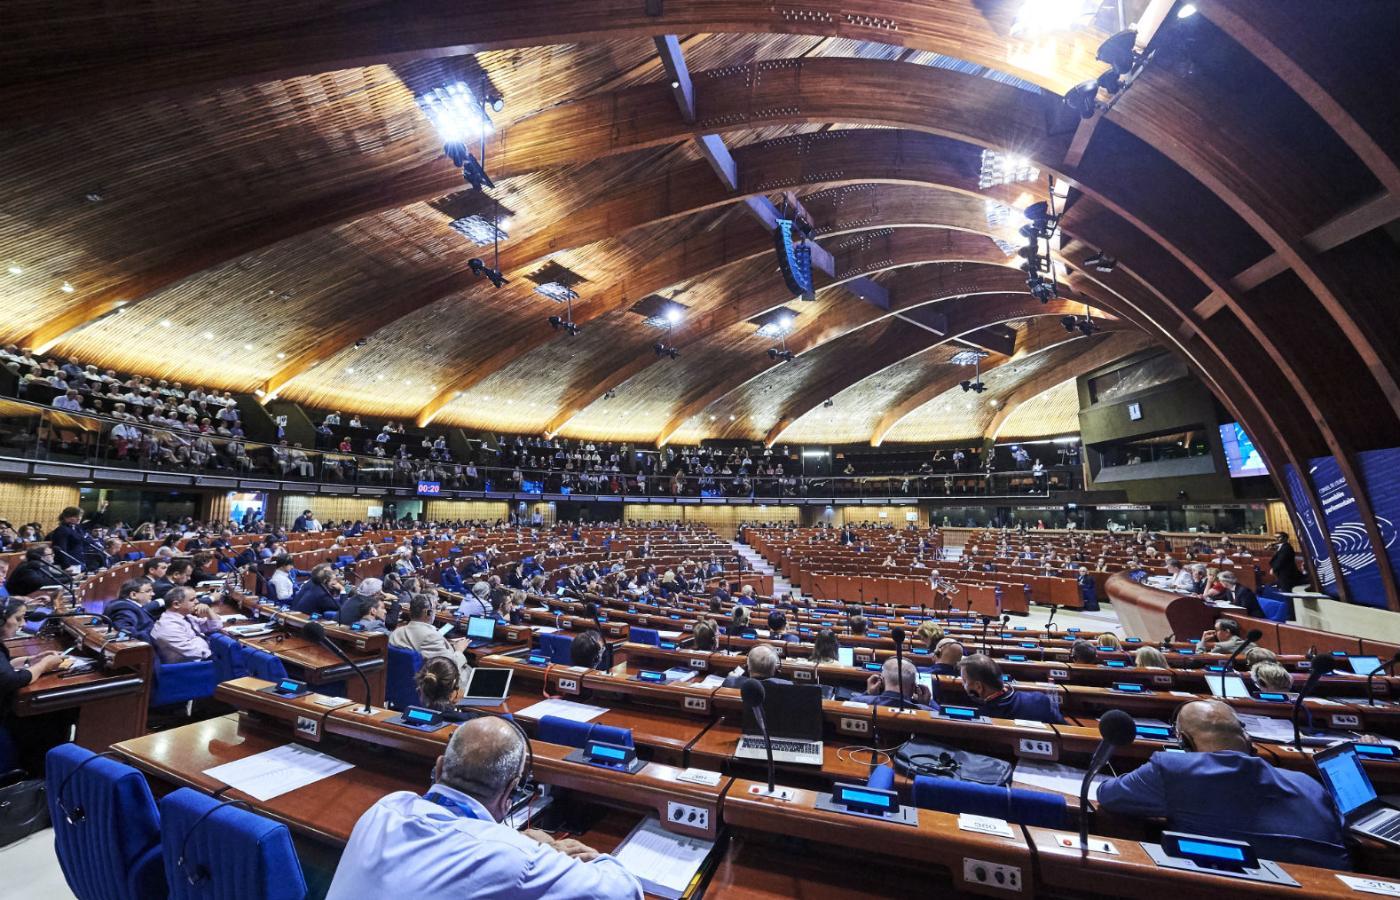 Obraz przedstawia ogromną salę